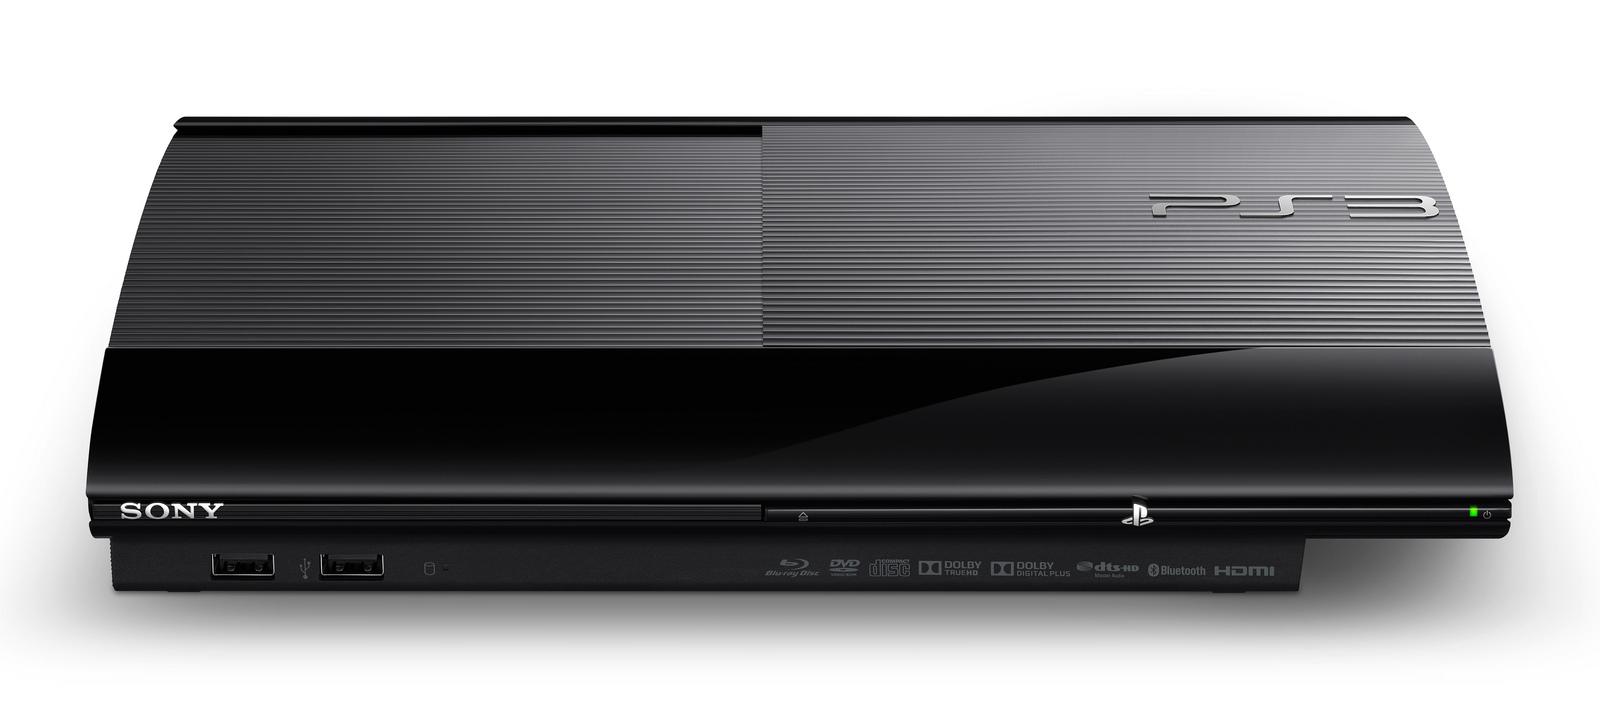 Nový PlayStation 3 model skutečností 70595